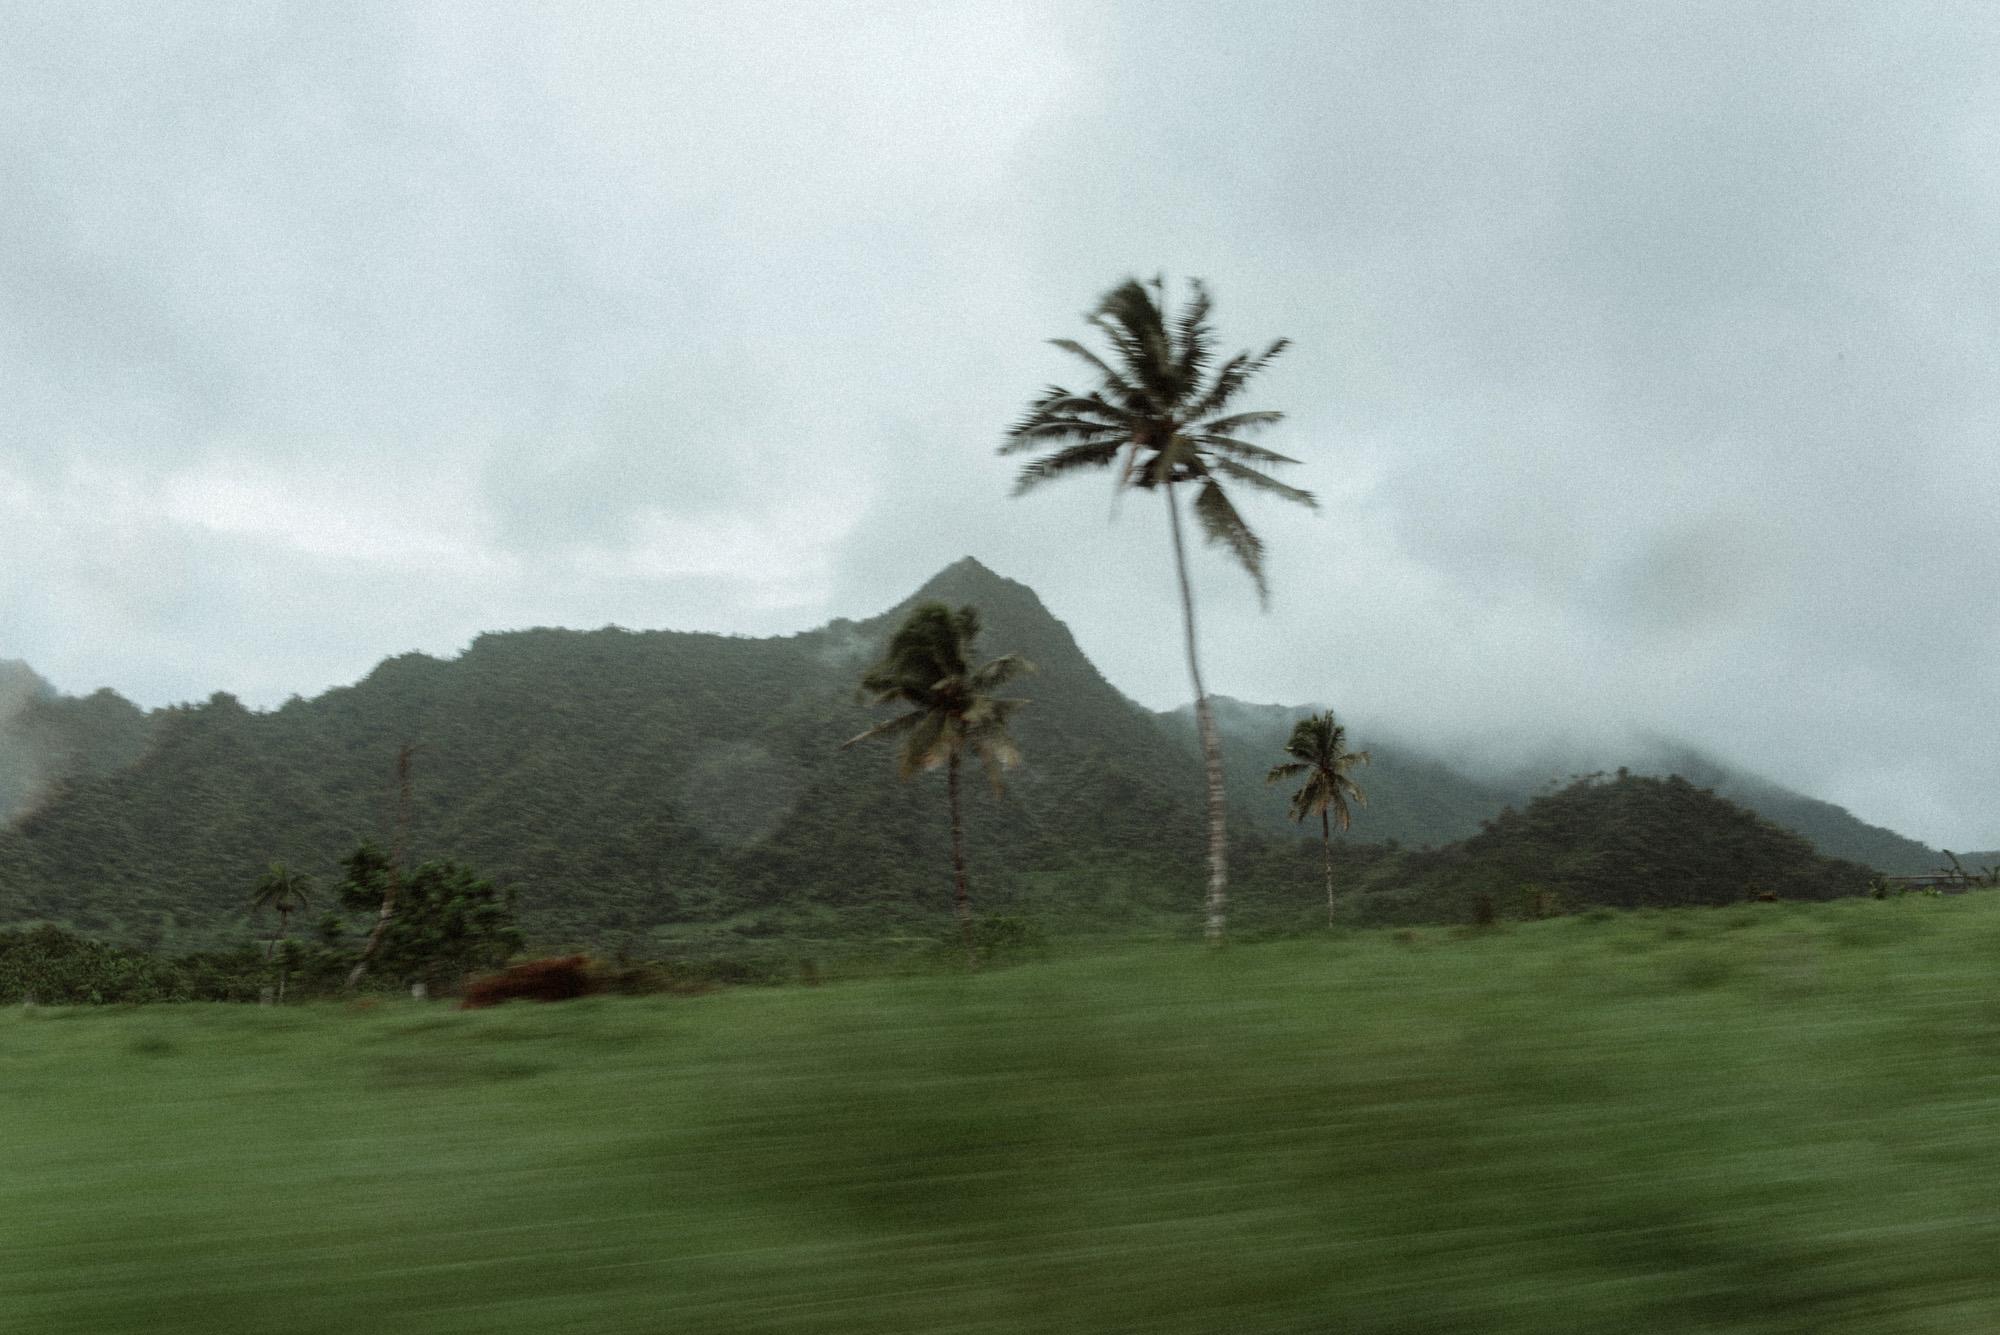 Samoa_Oct2018_RVCA_21-10-18_112.JPG